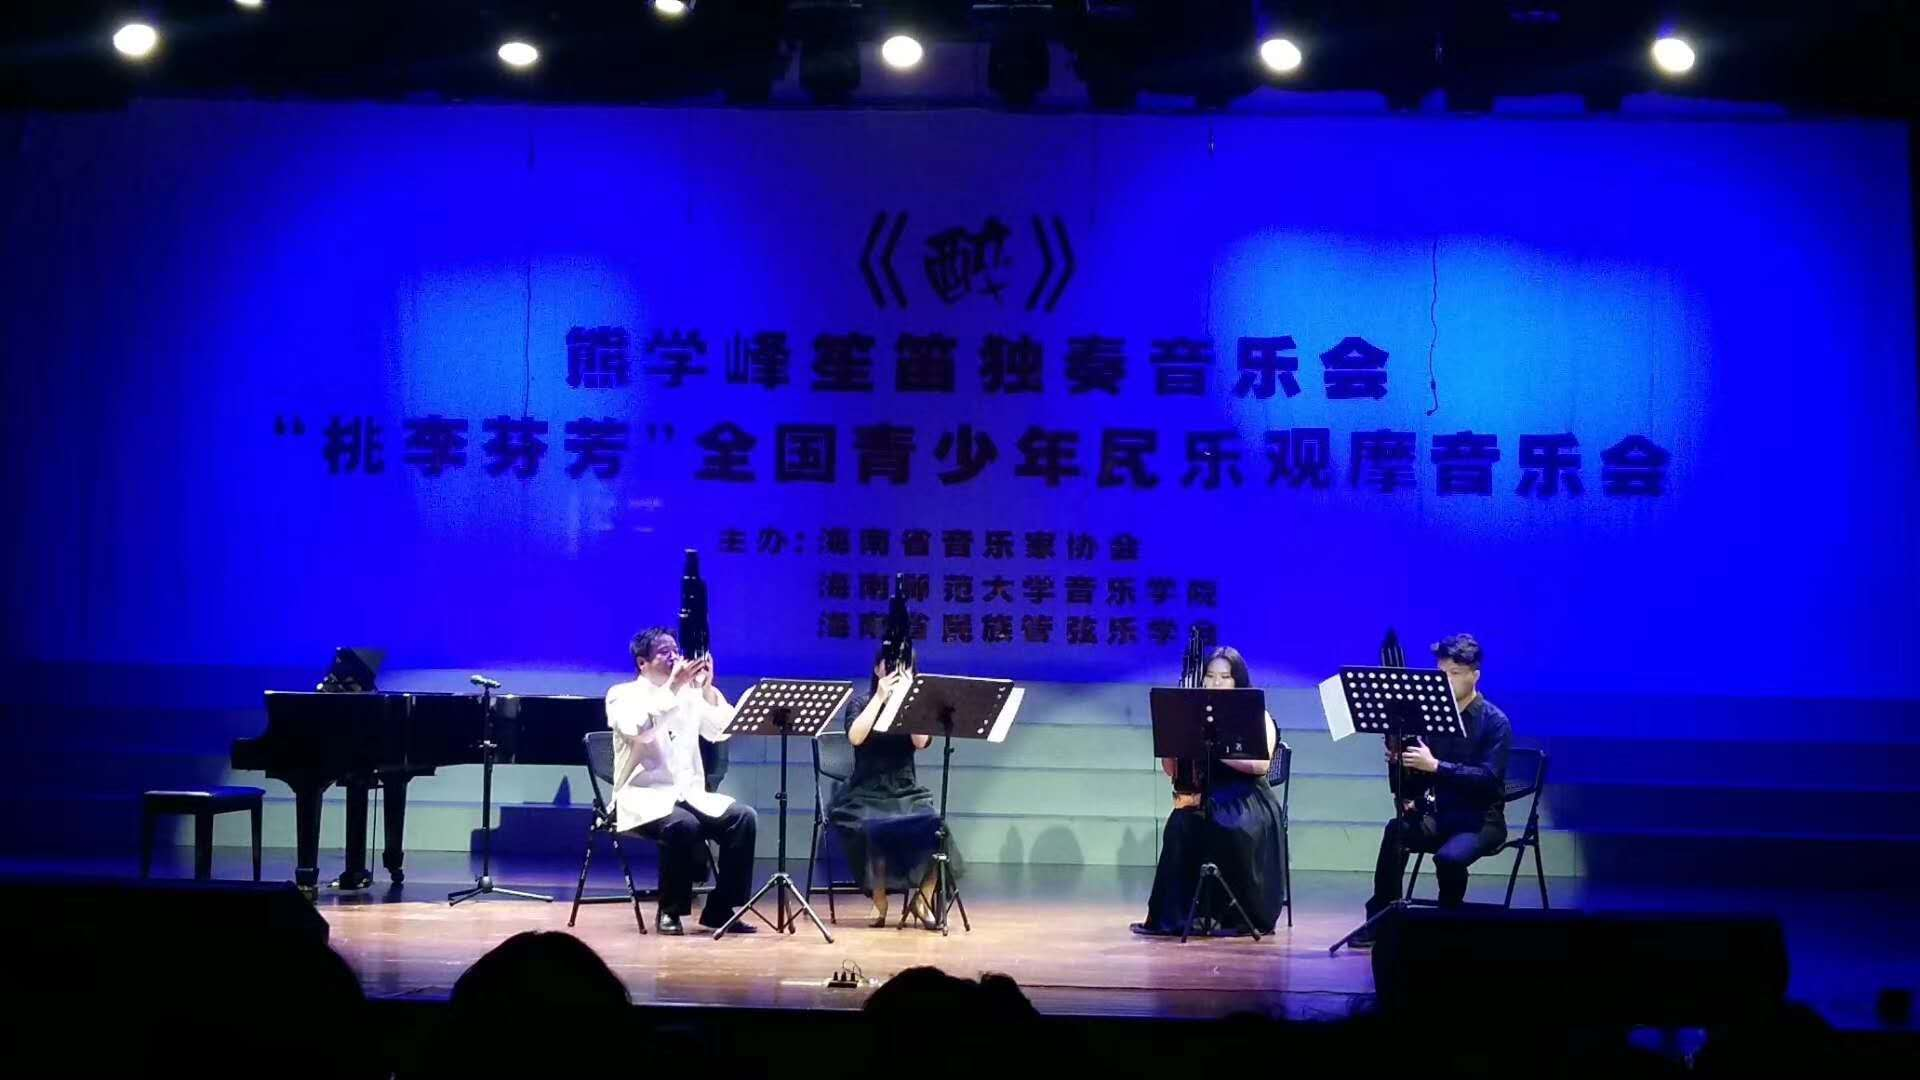 音乐学院熊学峰笙笛独奏音乐会在我校举行